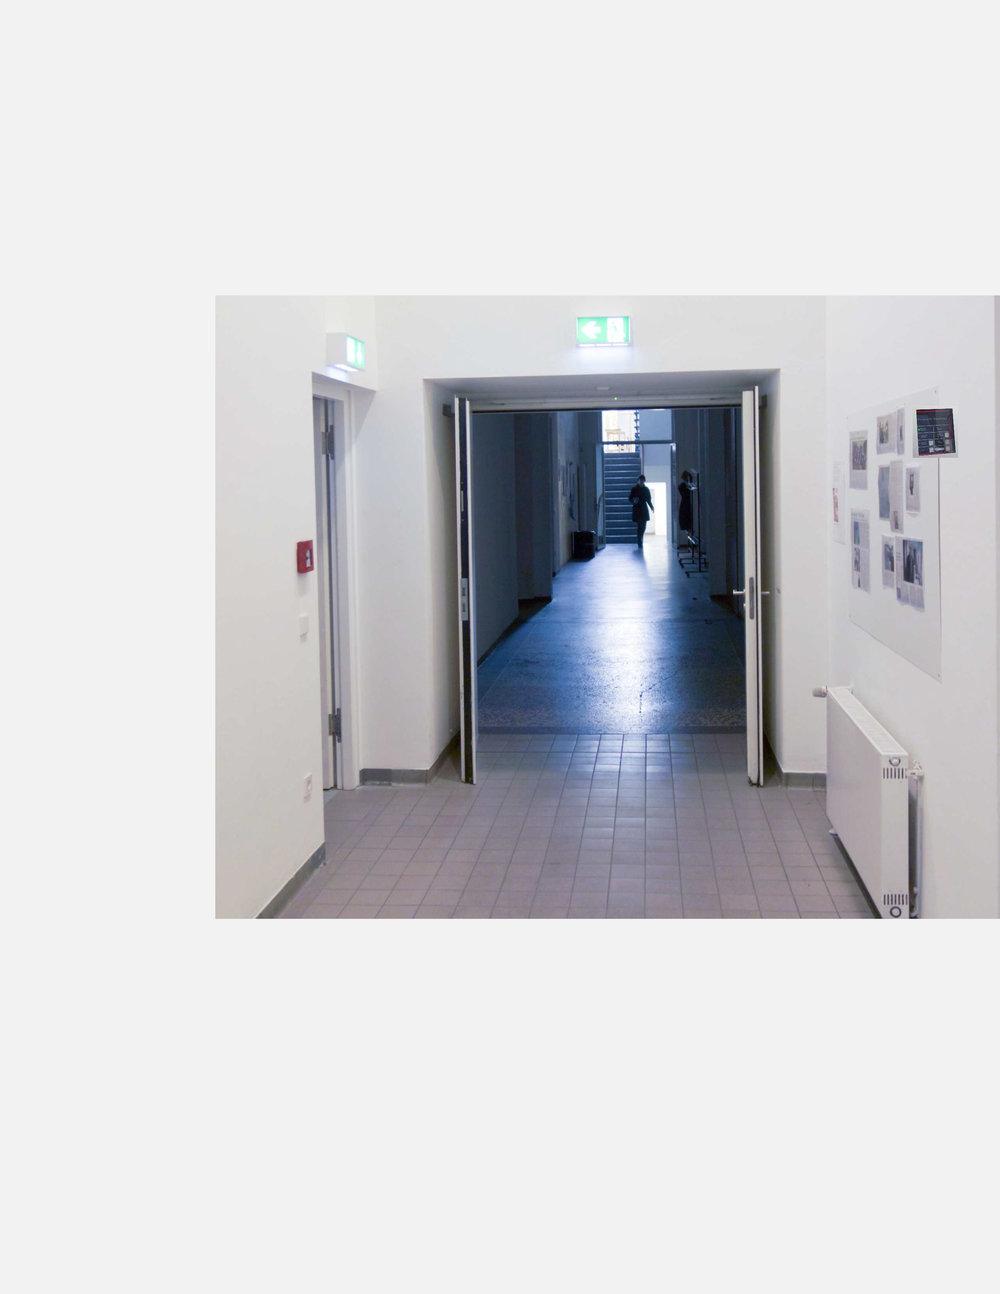 Städelschule-26.jpg